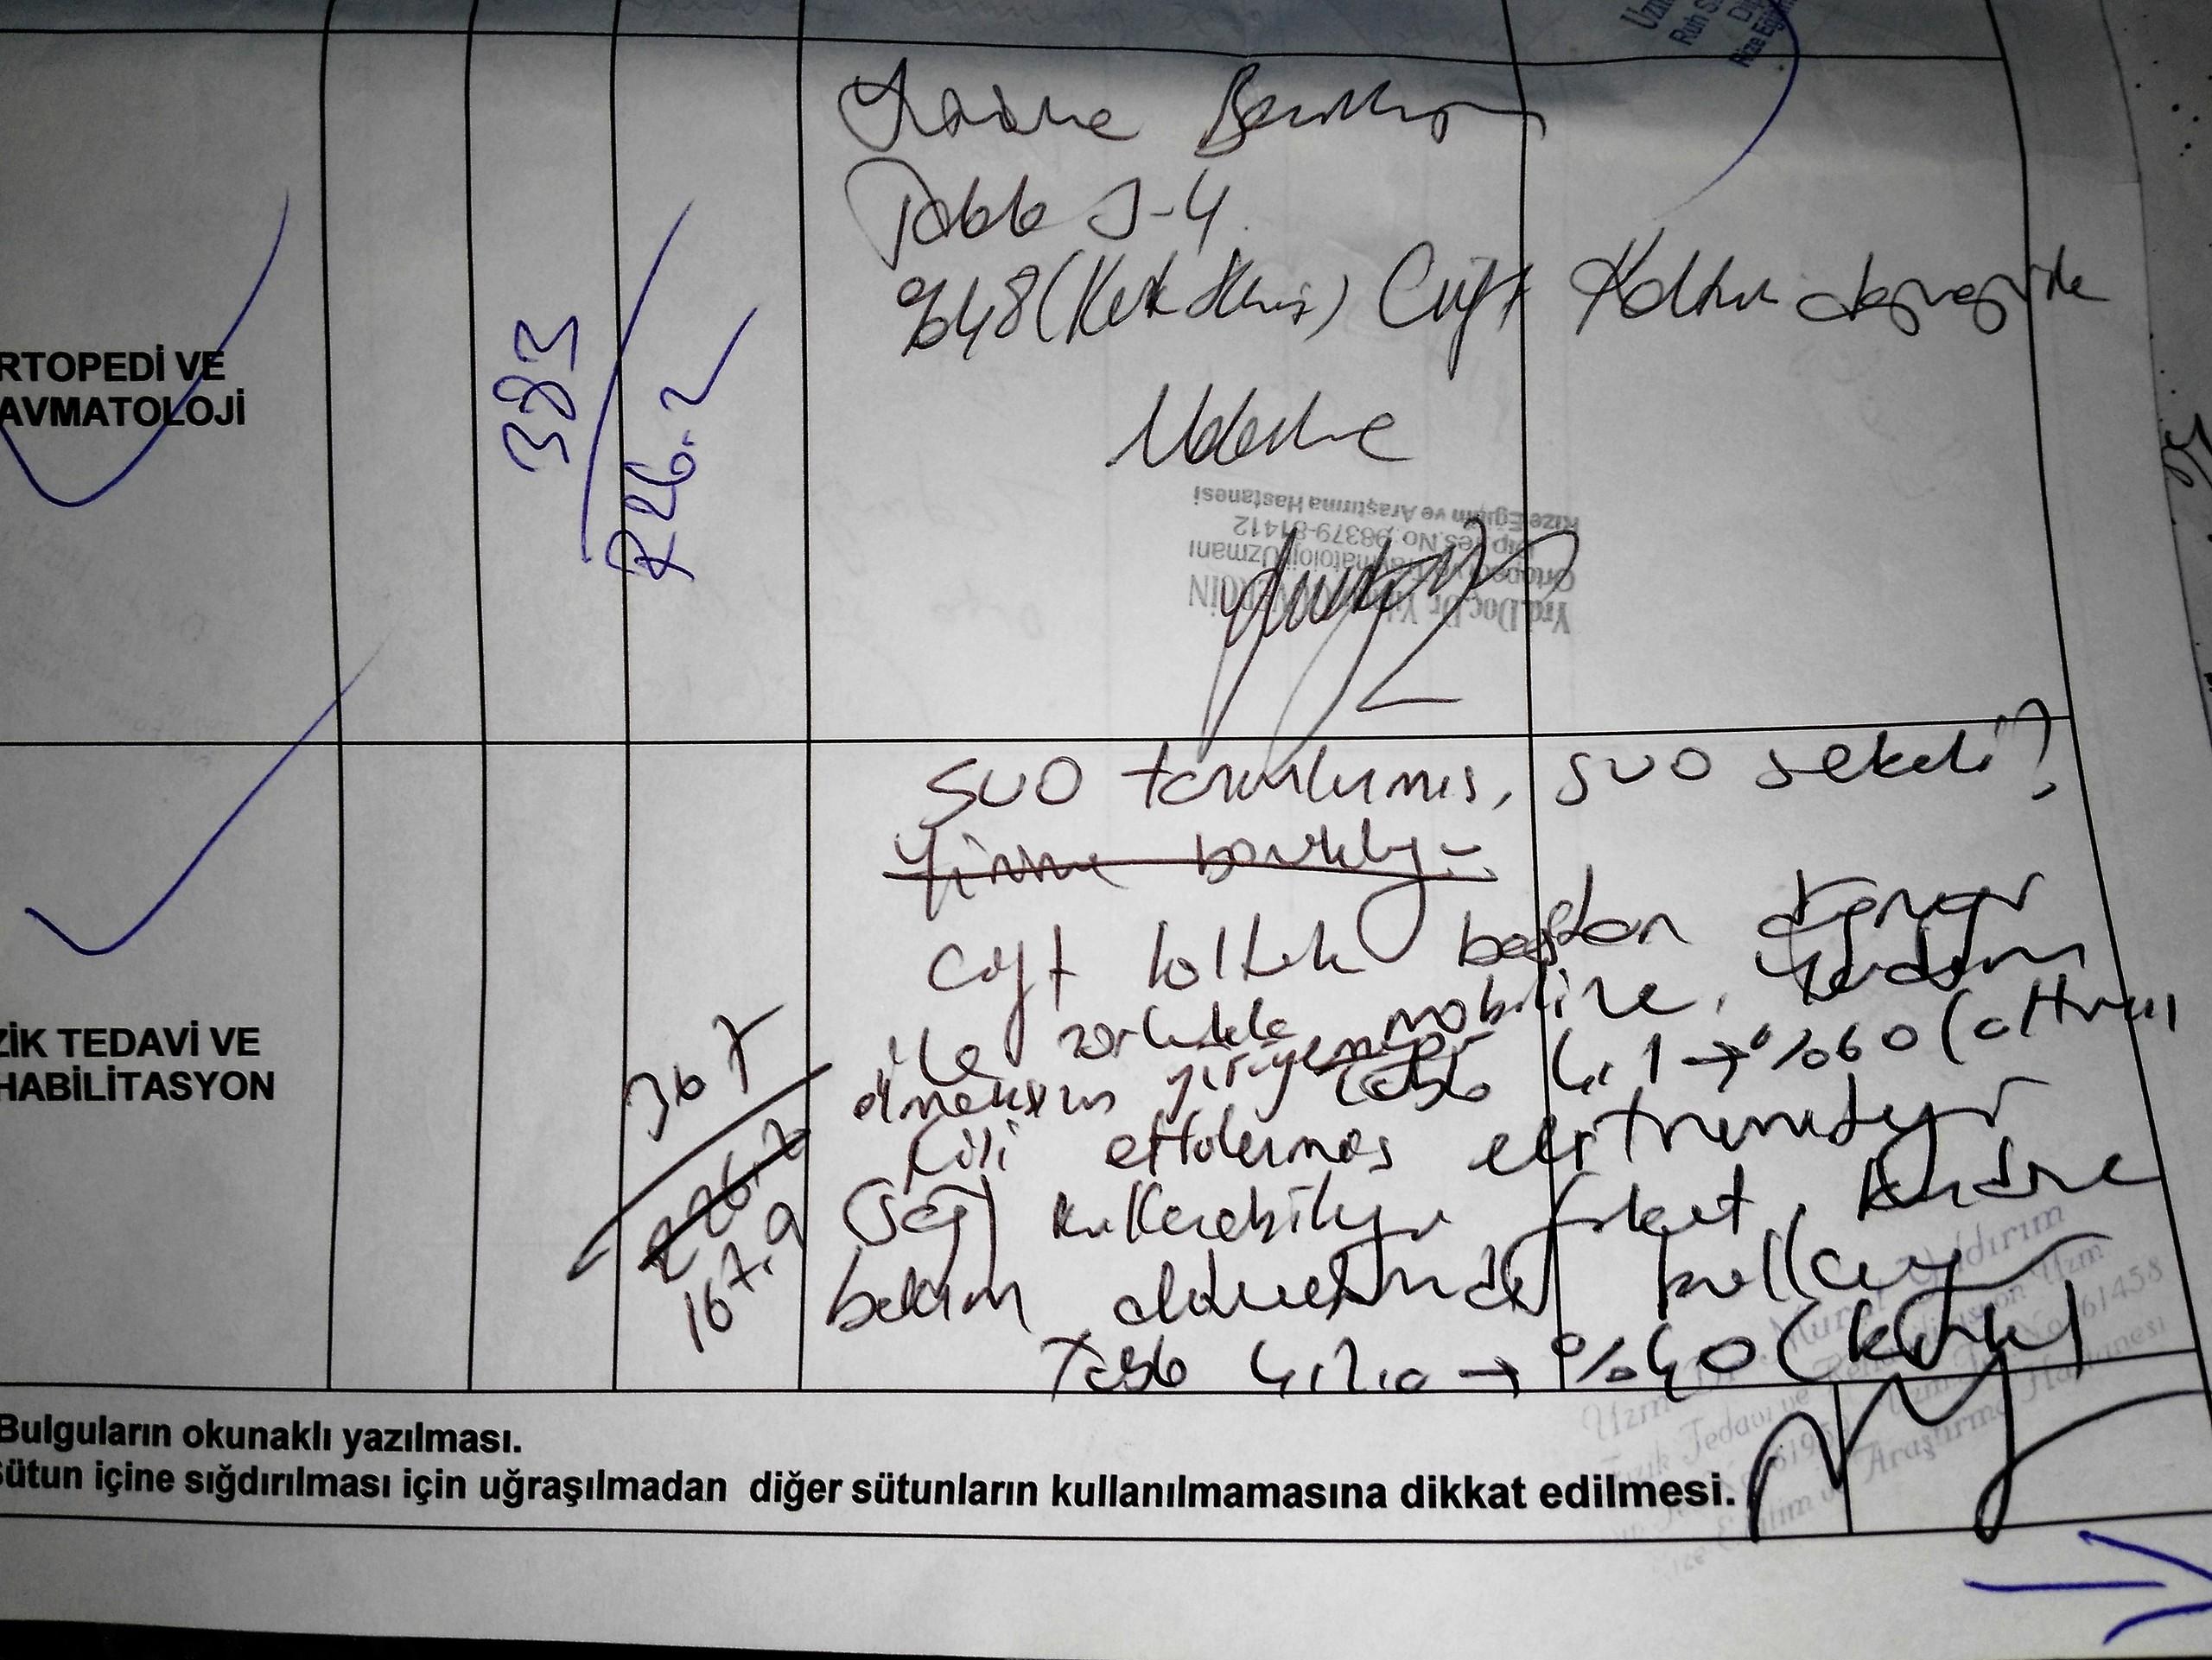 bJrqbd - Babamın rahatsızlıklarından dolayı ÖTV indirimi için yeterli oranda rapor..?